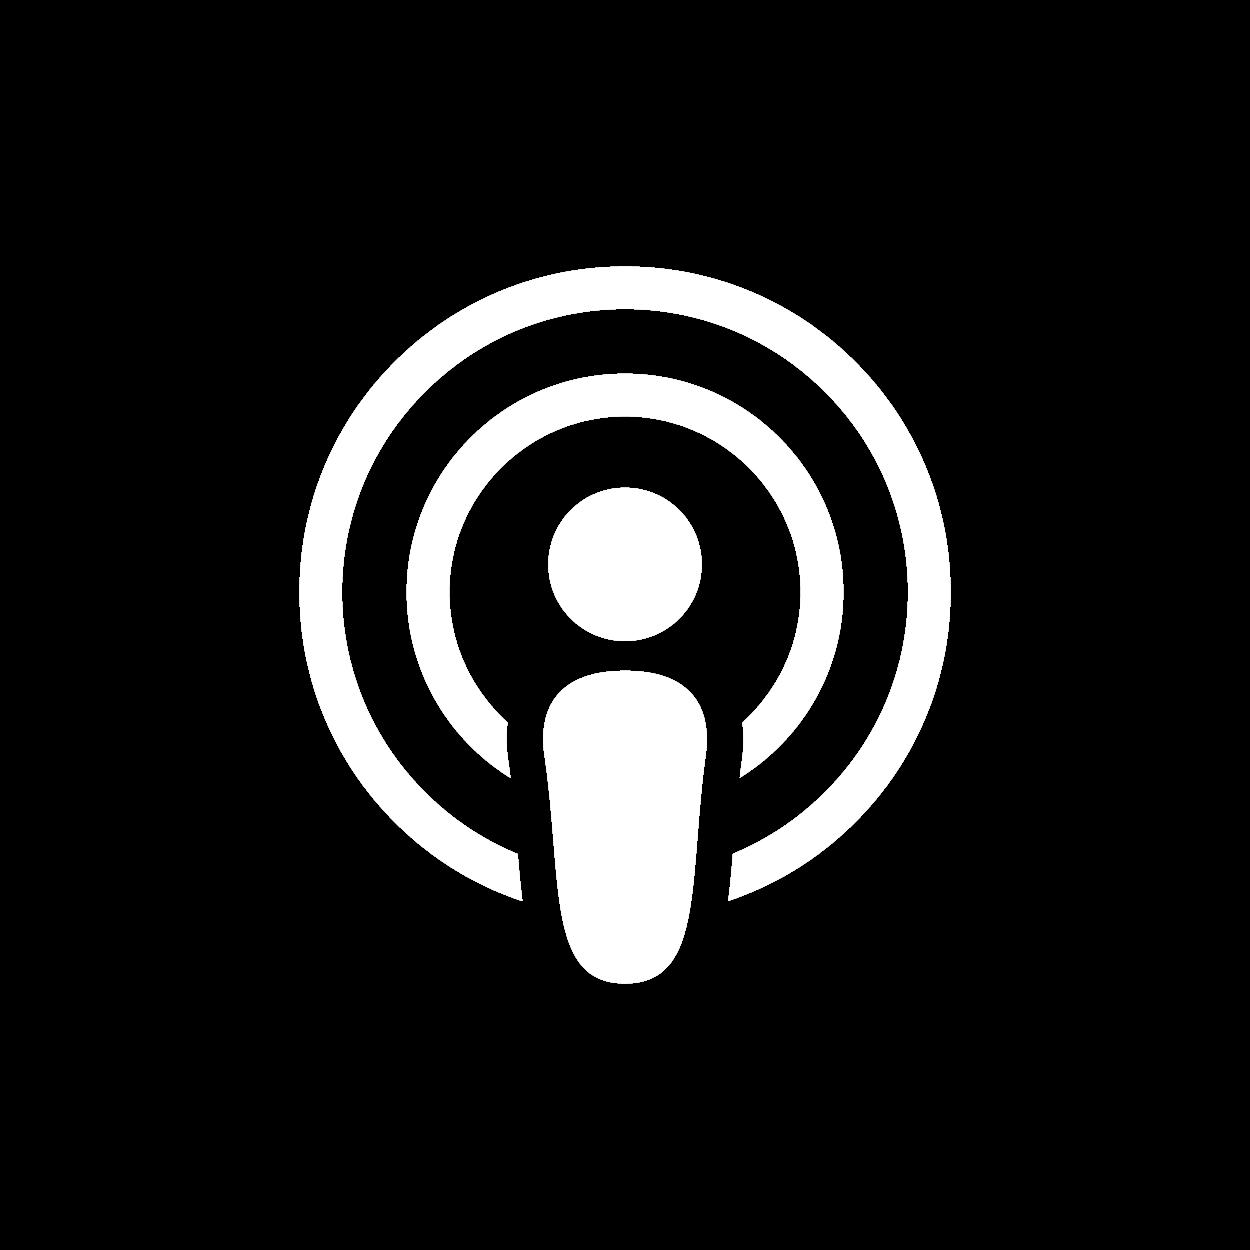 Podcast Platforms Logos-01.png